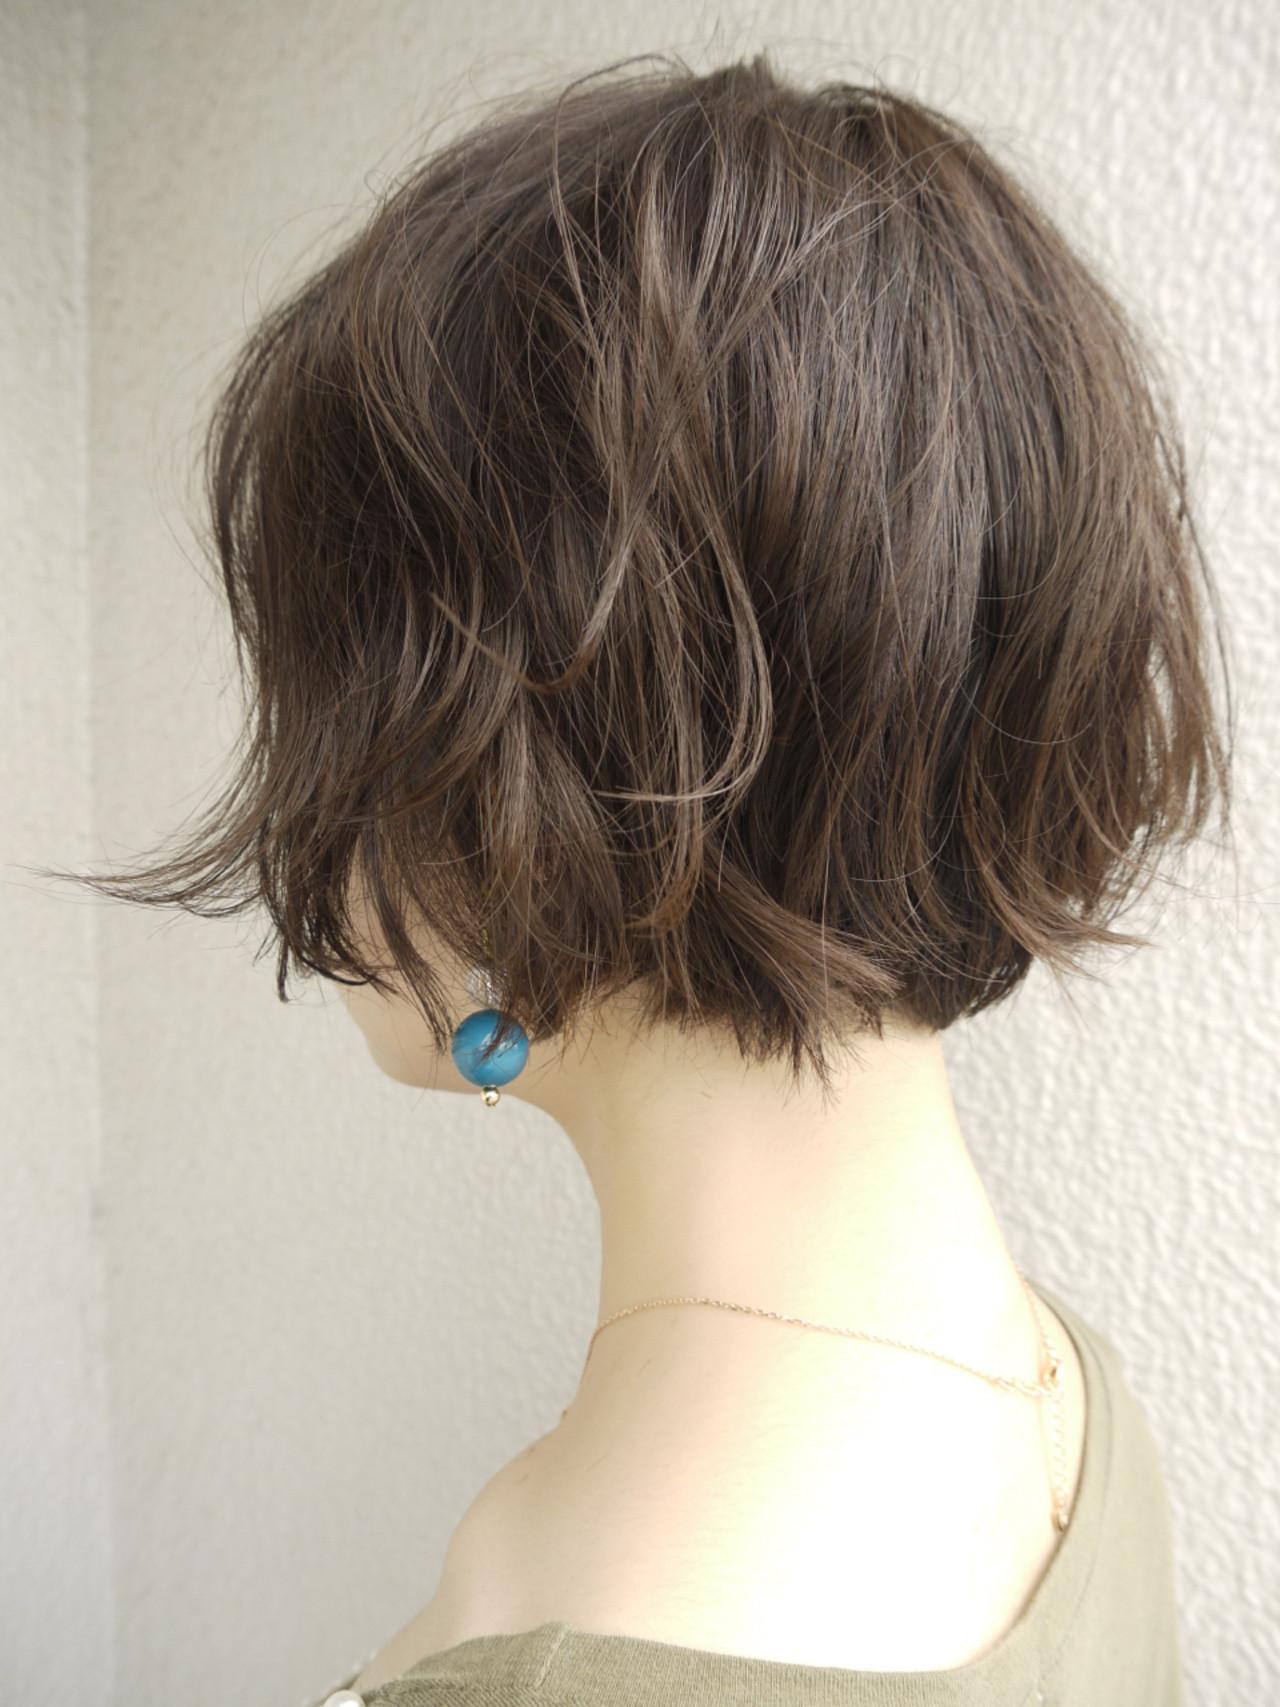 ゆるふわ 女子力 大人かわいい ショート ヘアスタイルや髪型の写真・画像 | ムラマツ タケシ【morio原宿/成増】 / morio flom London